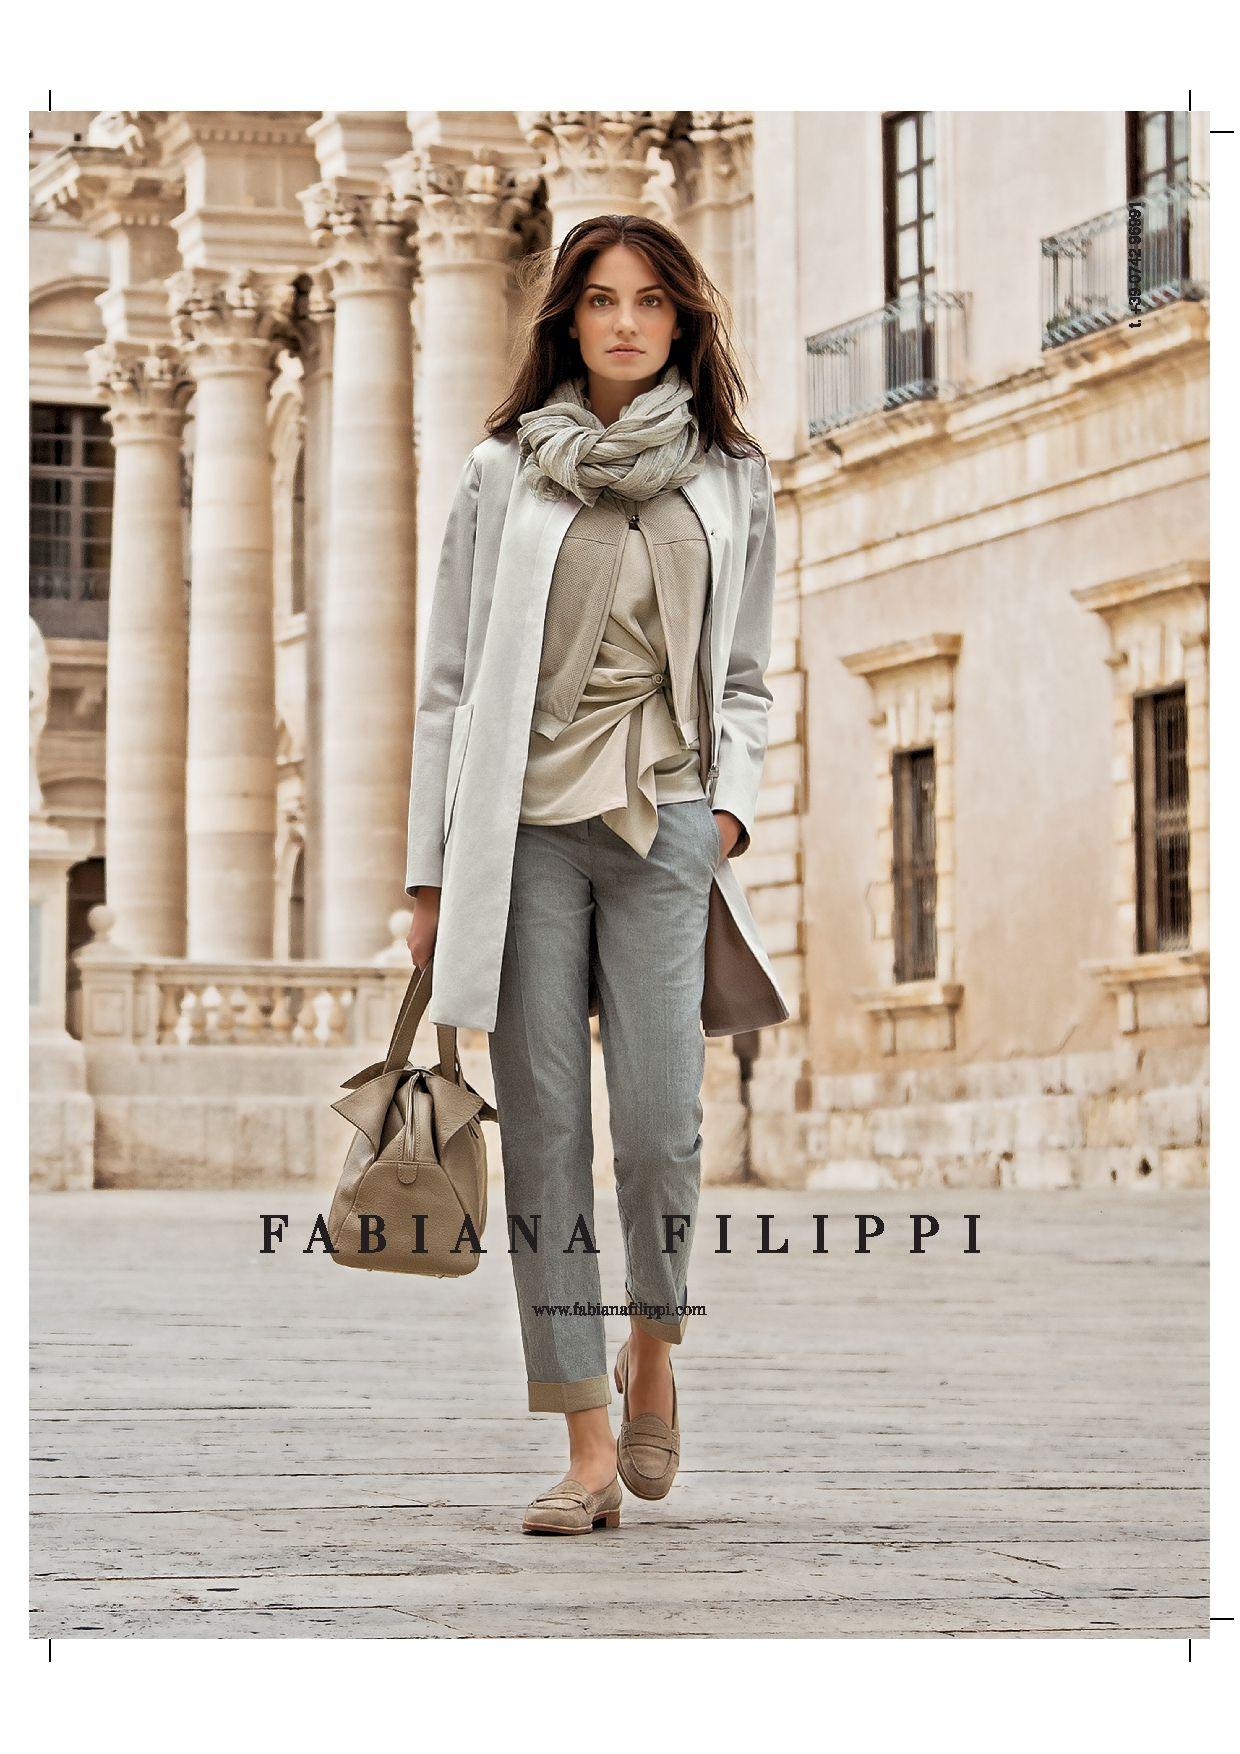 Fabiana filippi winter google suche stile di moda for Stile minimal chic